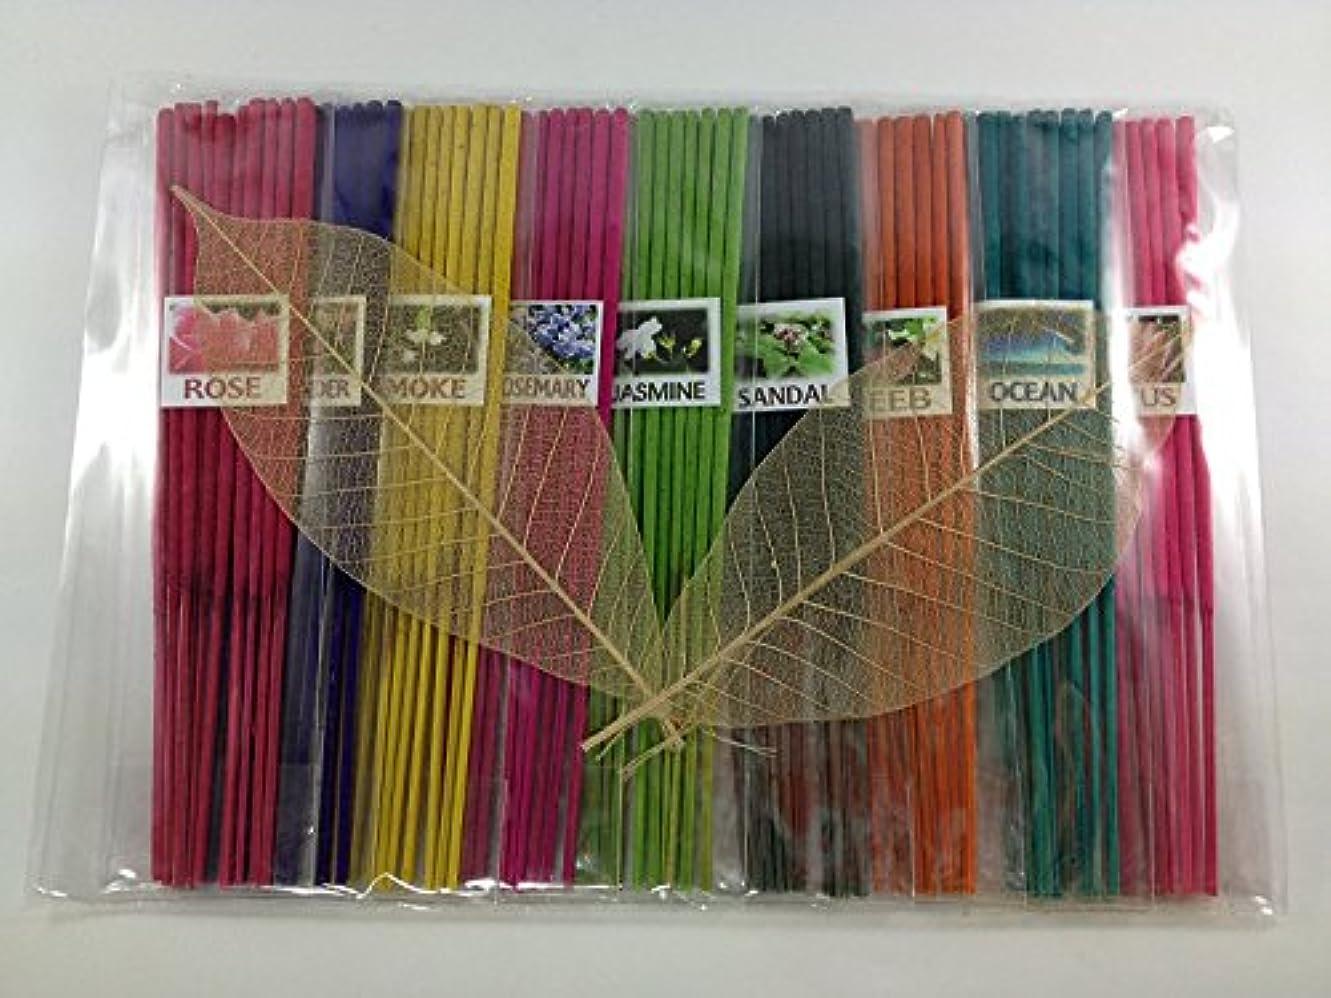 ジョージバーナードずらすThai Incense Sticks with 9 Aroma Smell - Moke Rosemary Jasmine Sandal Lotus Ocean Rose Lavender Peeb.